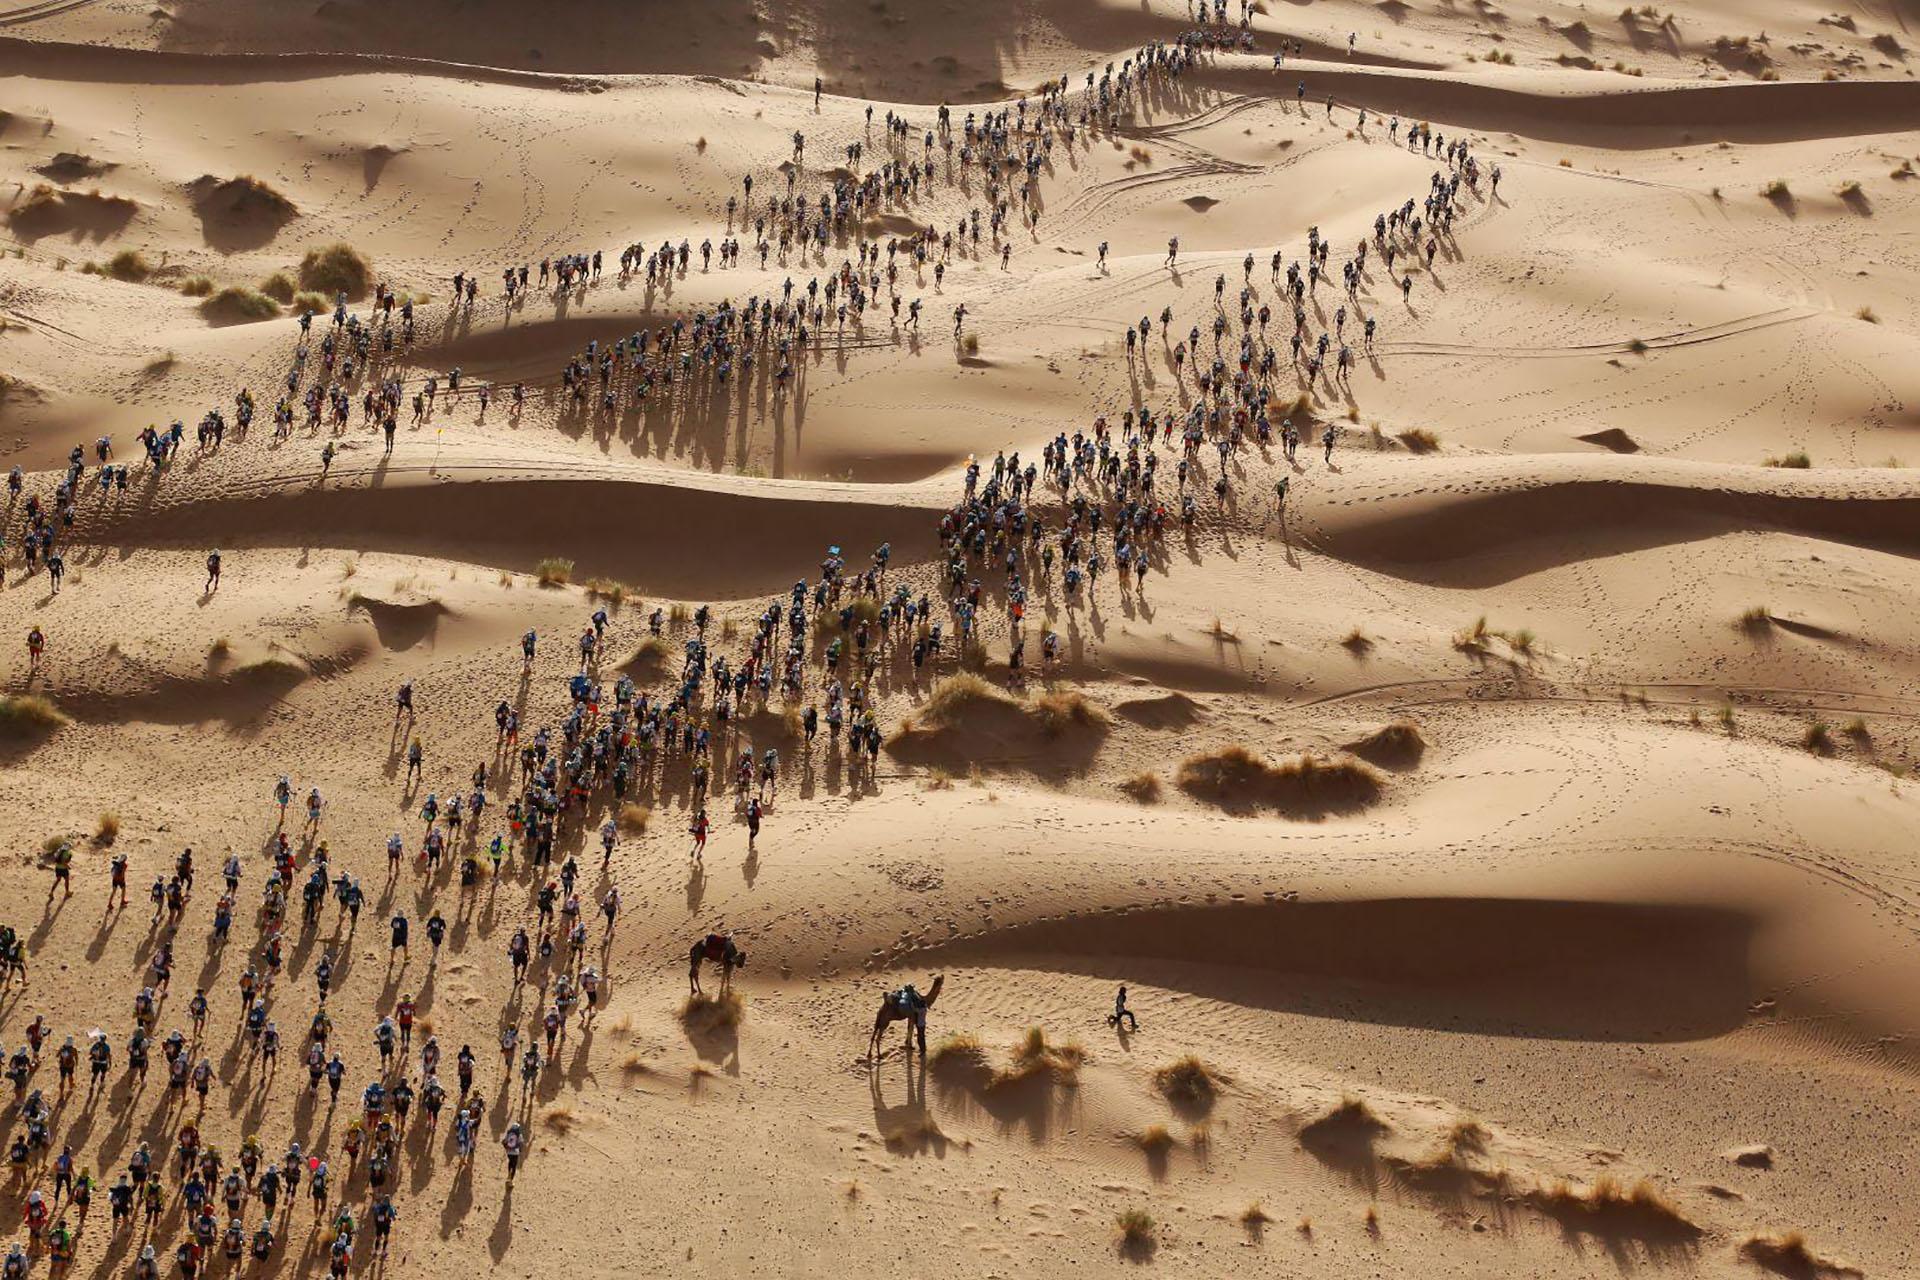 Marathon des Sables – Maratón de Sables: corredores en la Maratón de Sables (La Maratón de las Arenas), Desierto del Sahara, Marruecos, que comenzó el 9 de abril. (Erik Sampers, Francia)